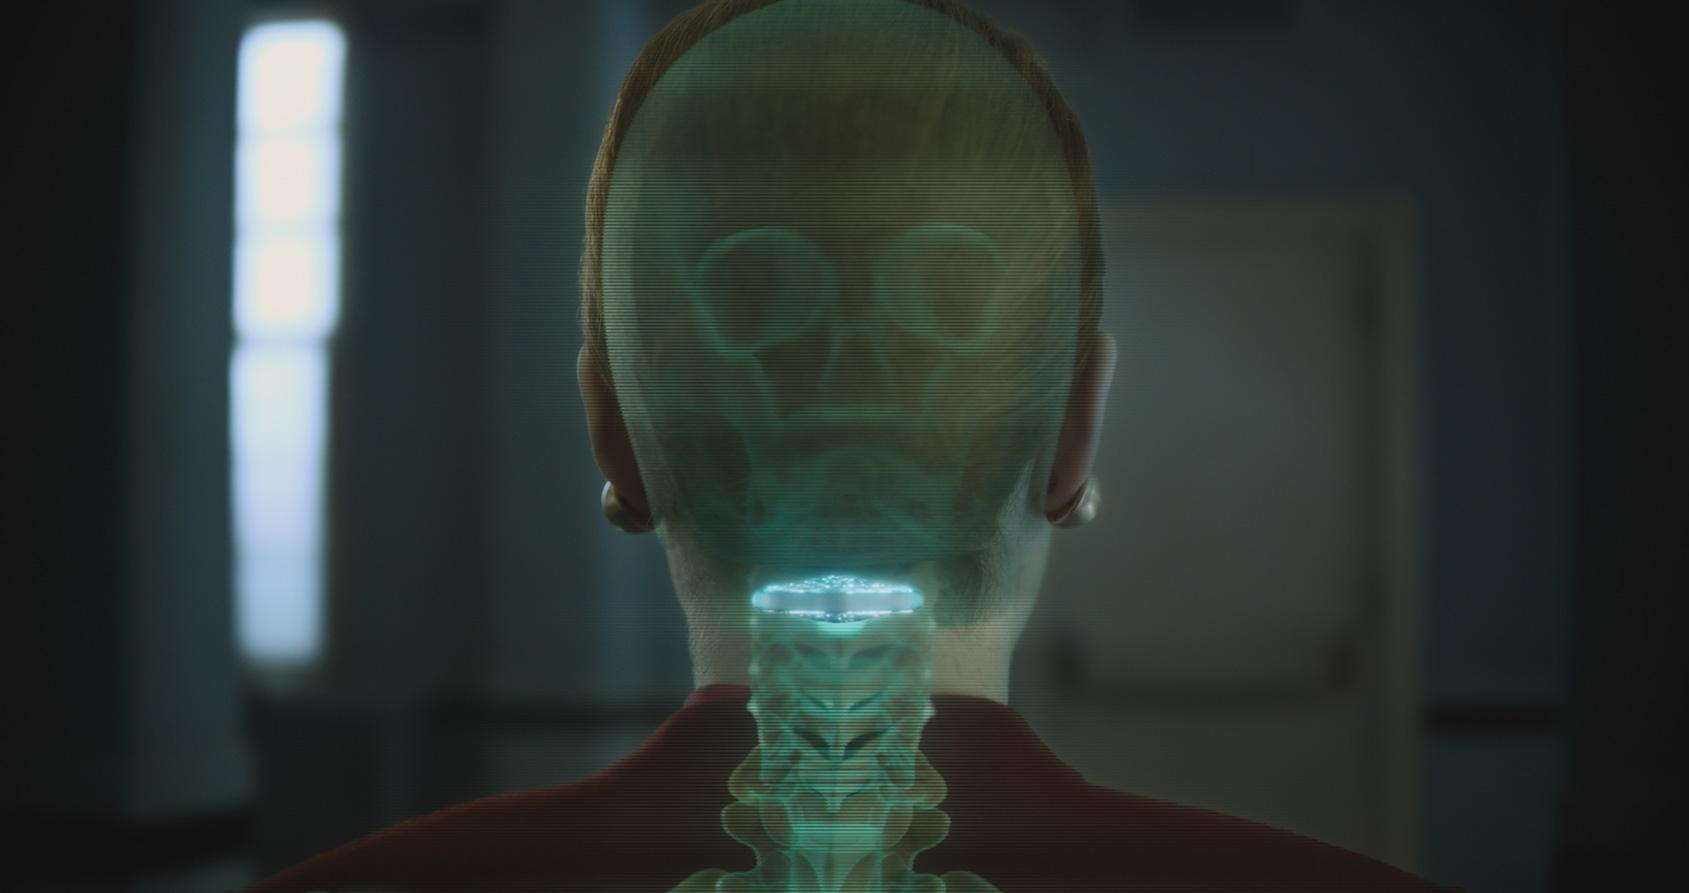 Pourra-t-on un jour transférer son esprit dans un nouveau corps?